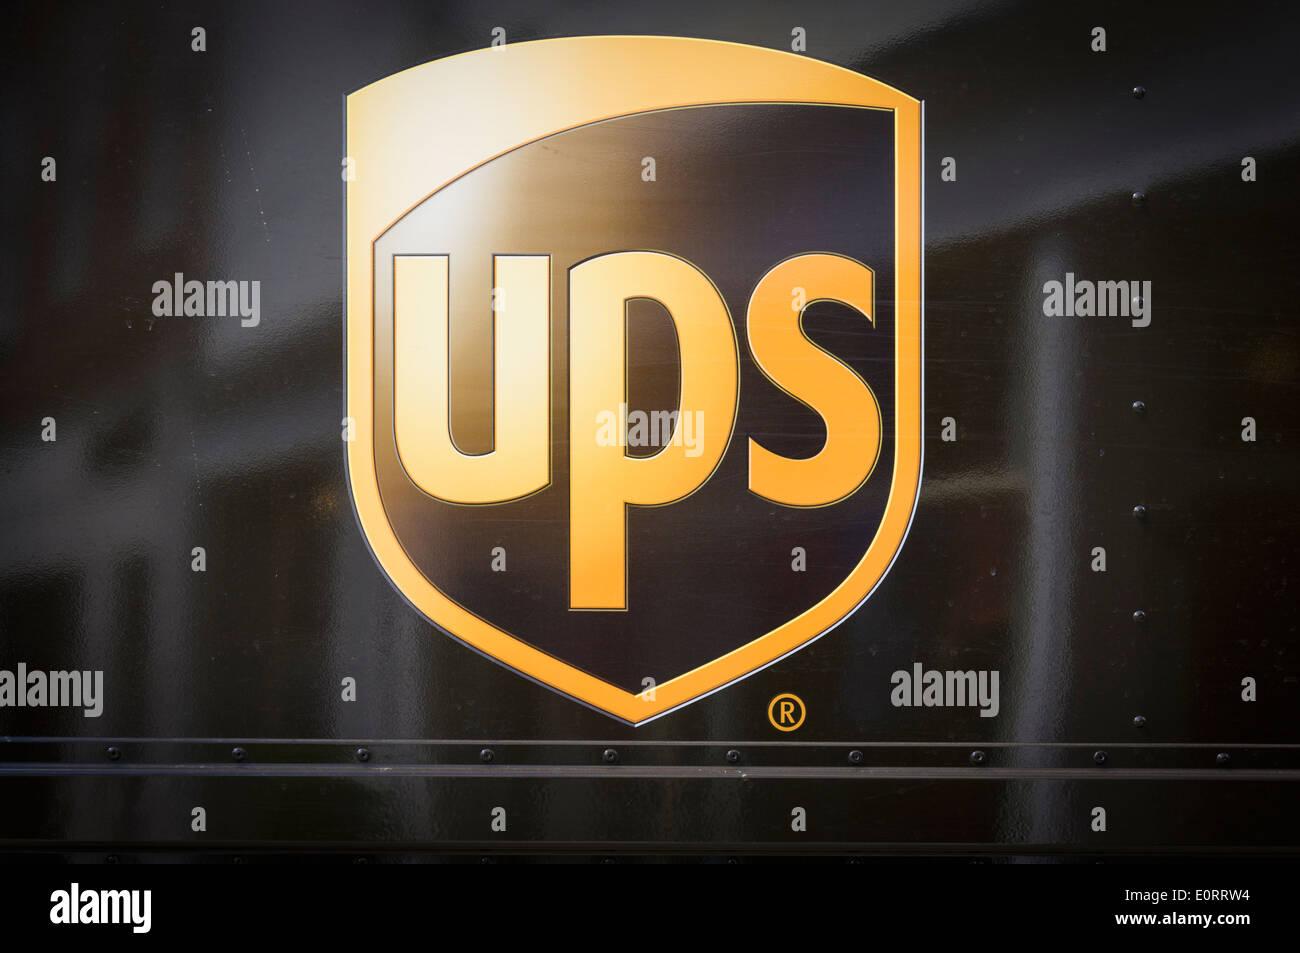 Ups Logo Stock Photos Ups Logo Stock Images Alamy